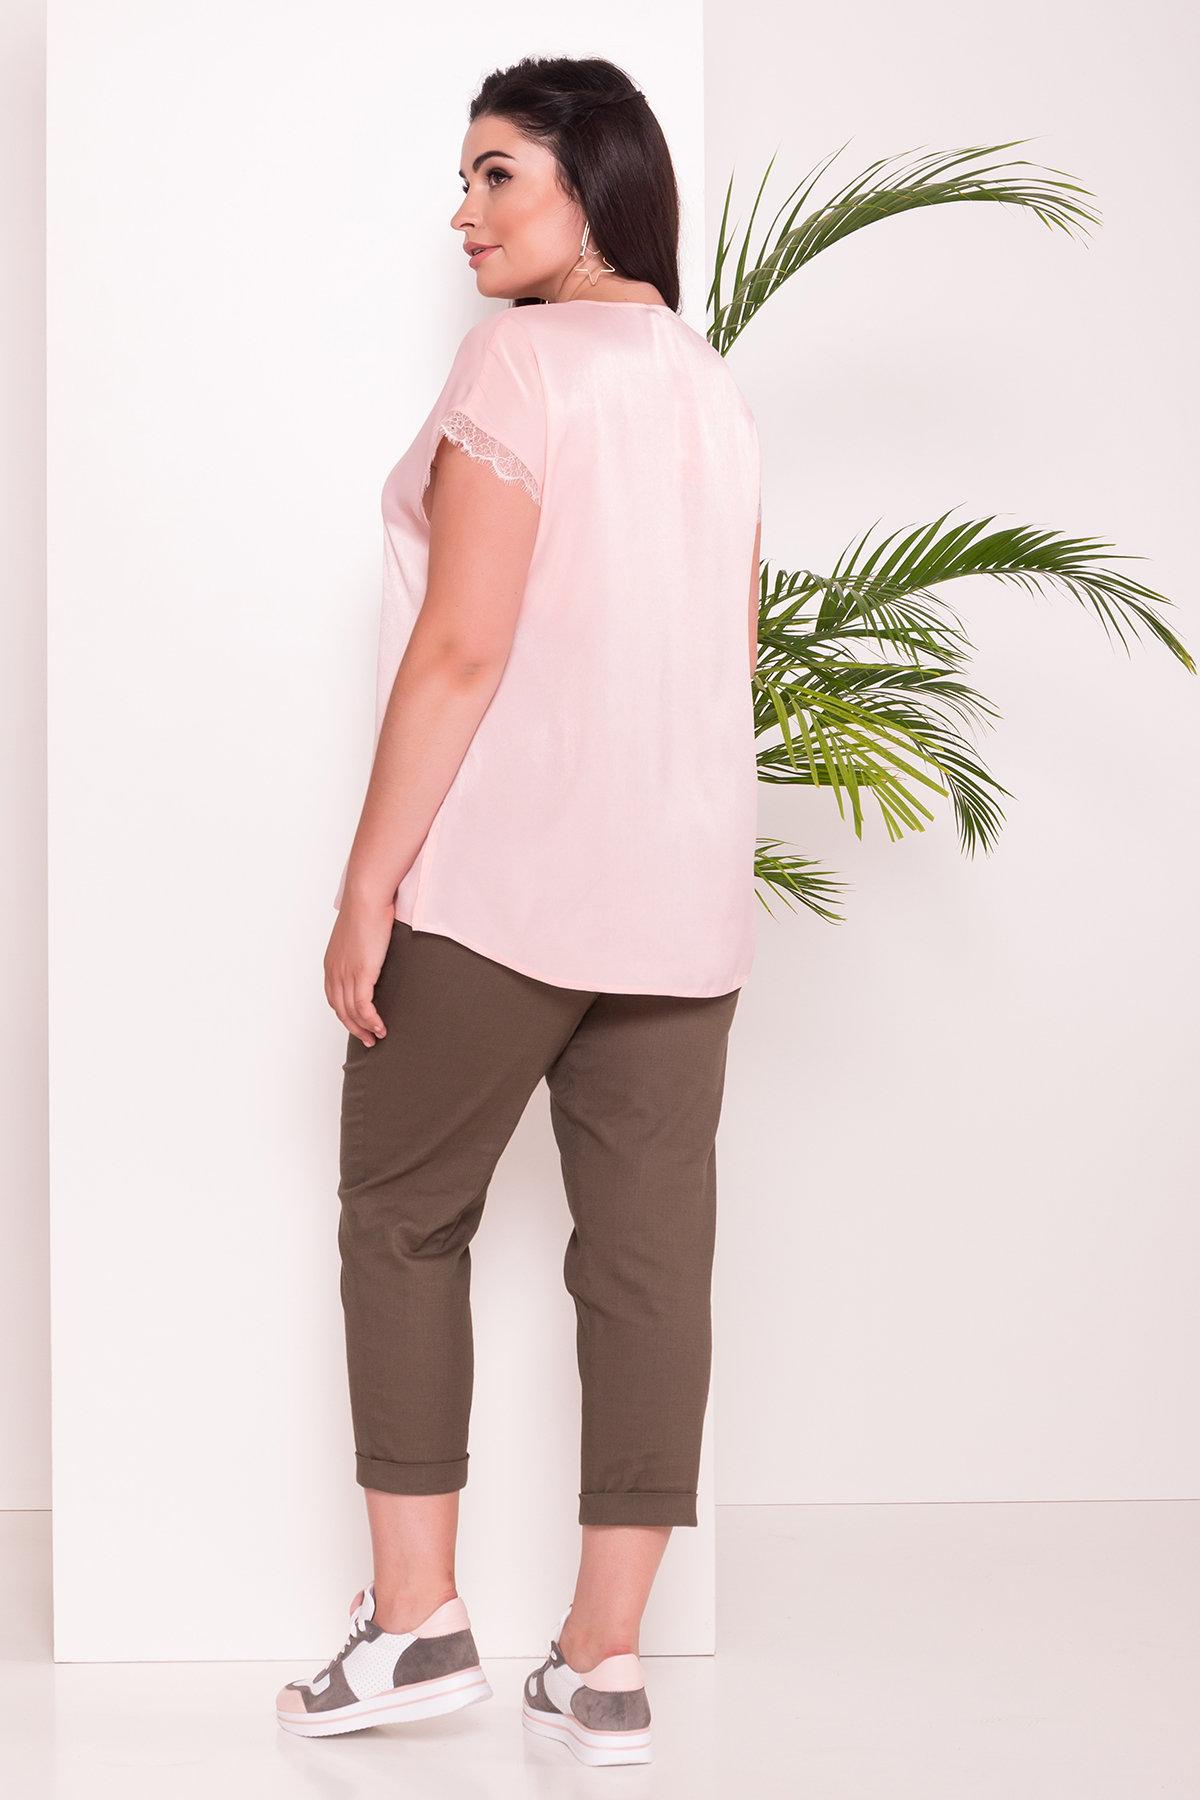 Топ Конти Donna 7512 Цвет: Персик